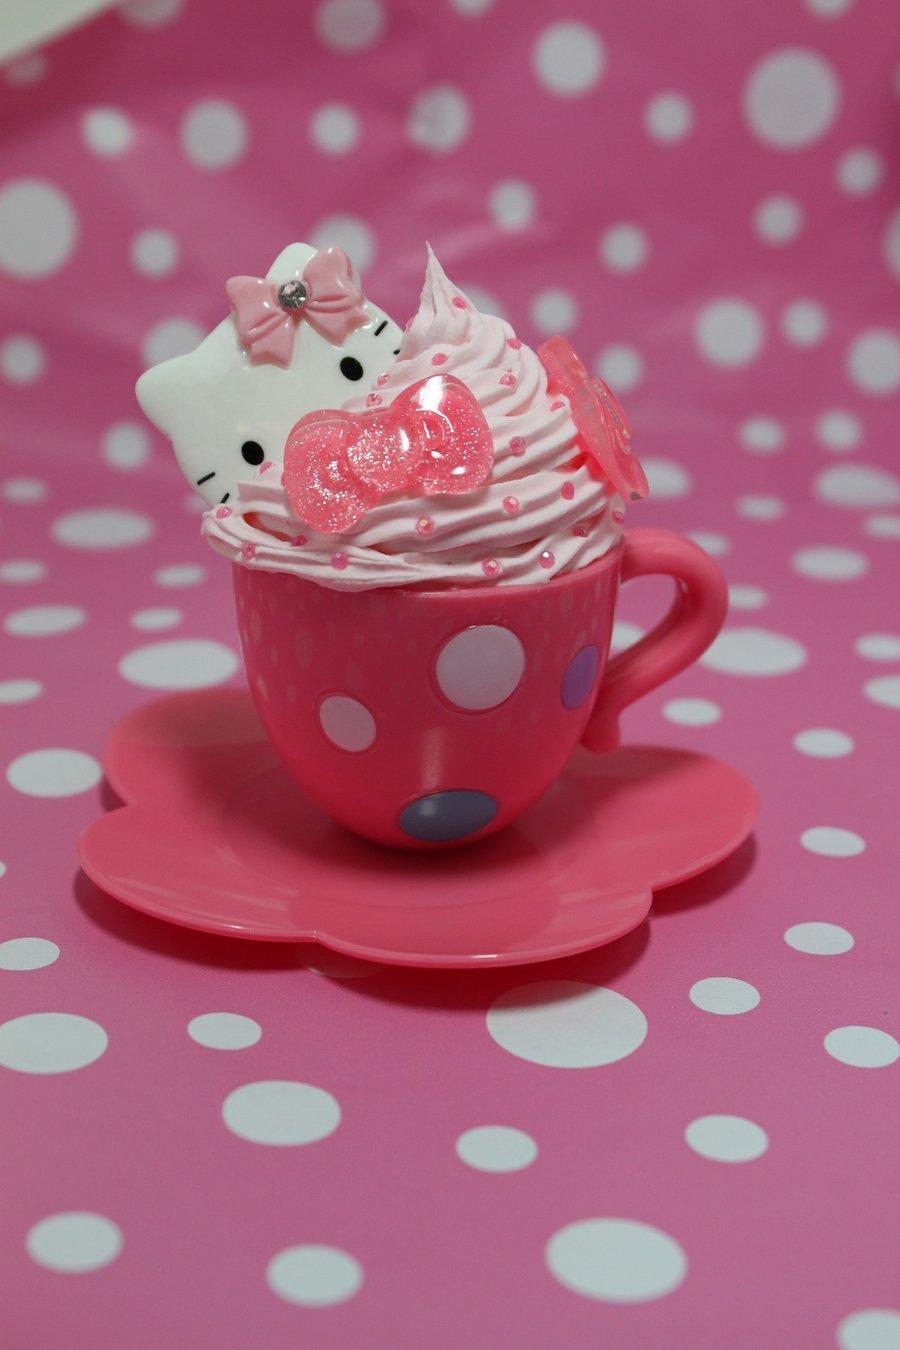 Teacup clipart kitty  KittywoodDesigns KittywoodDesigns tea clip